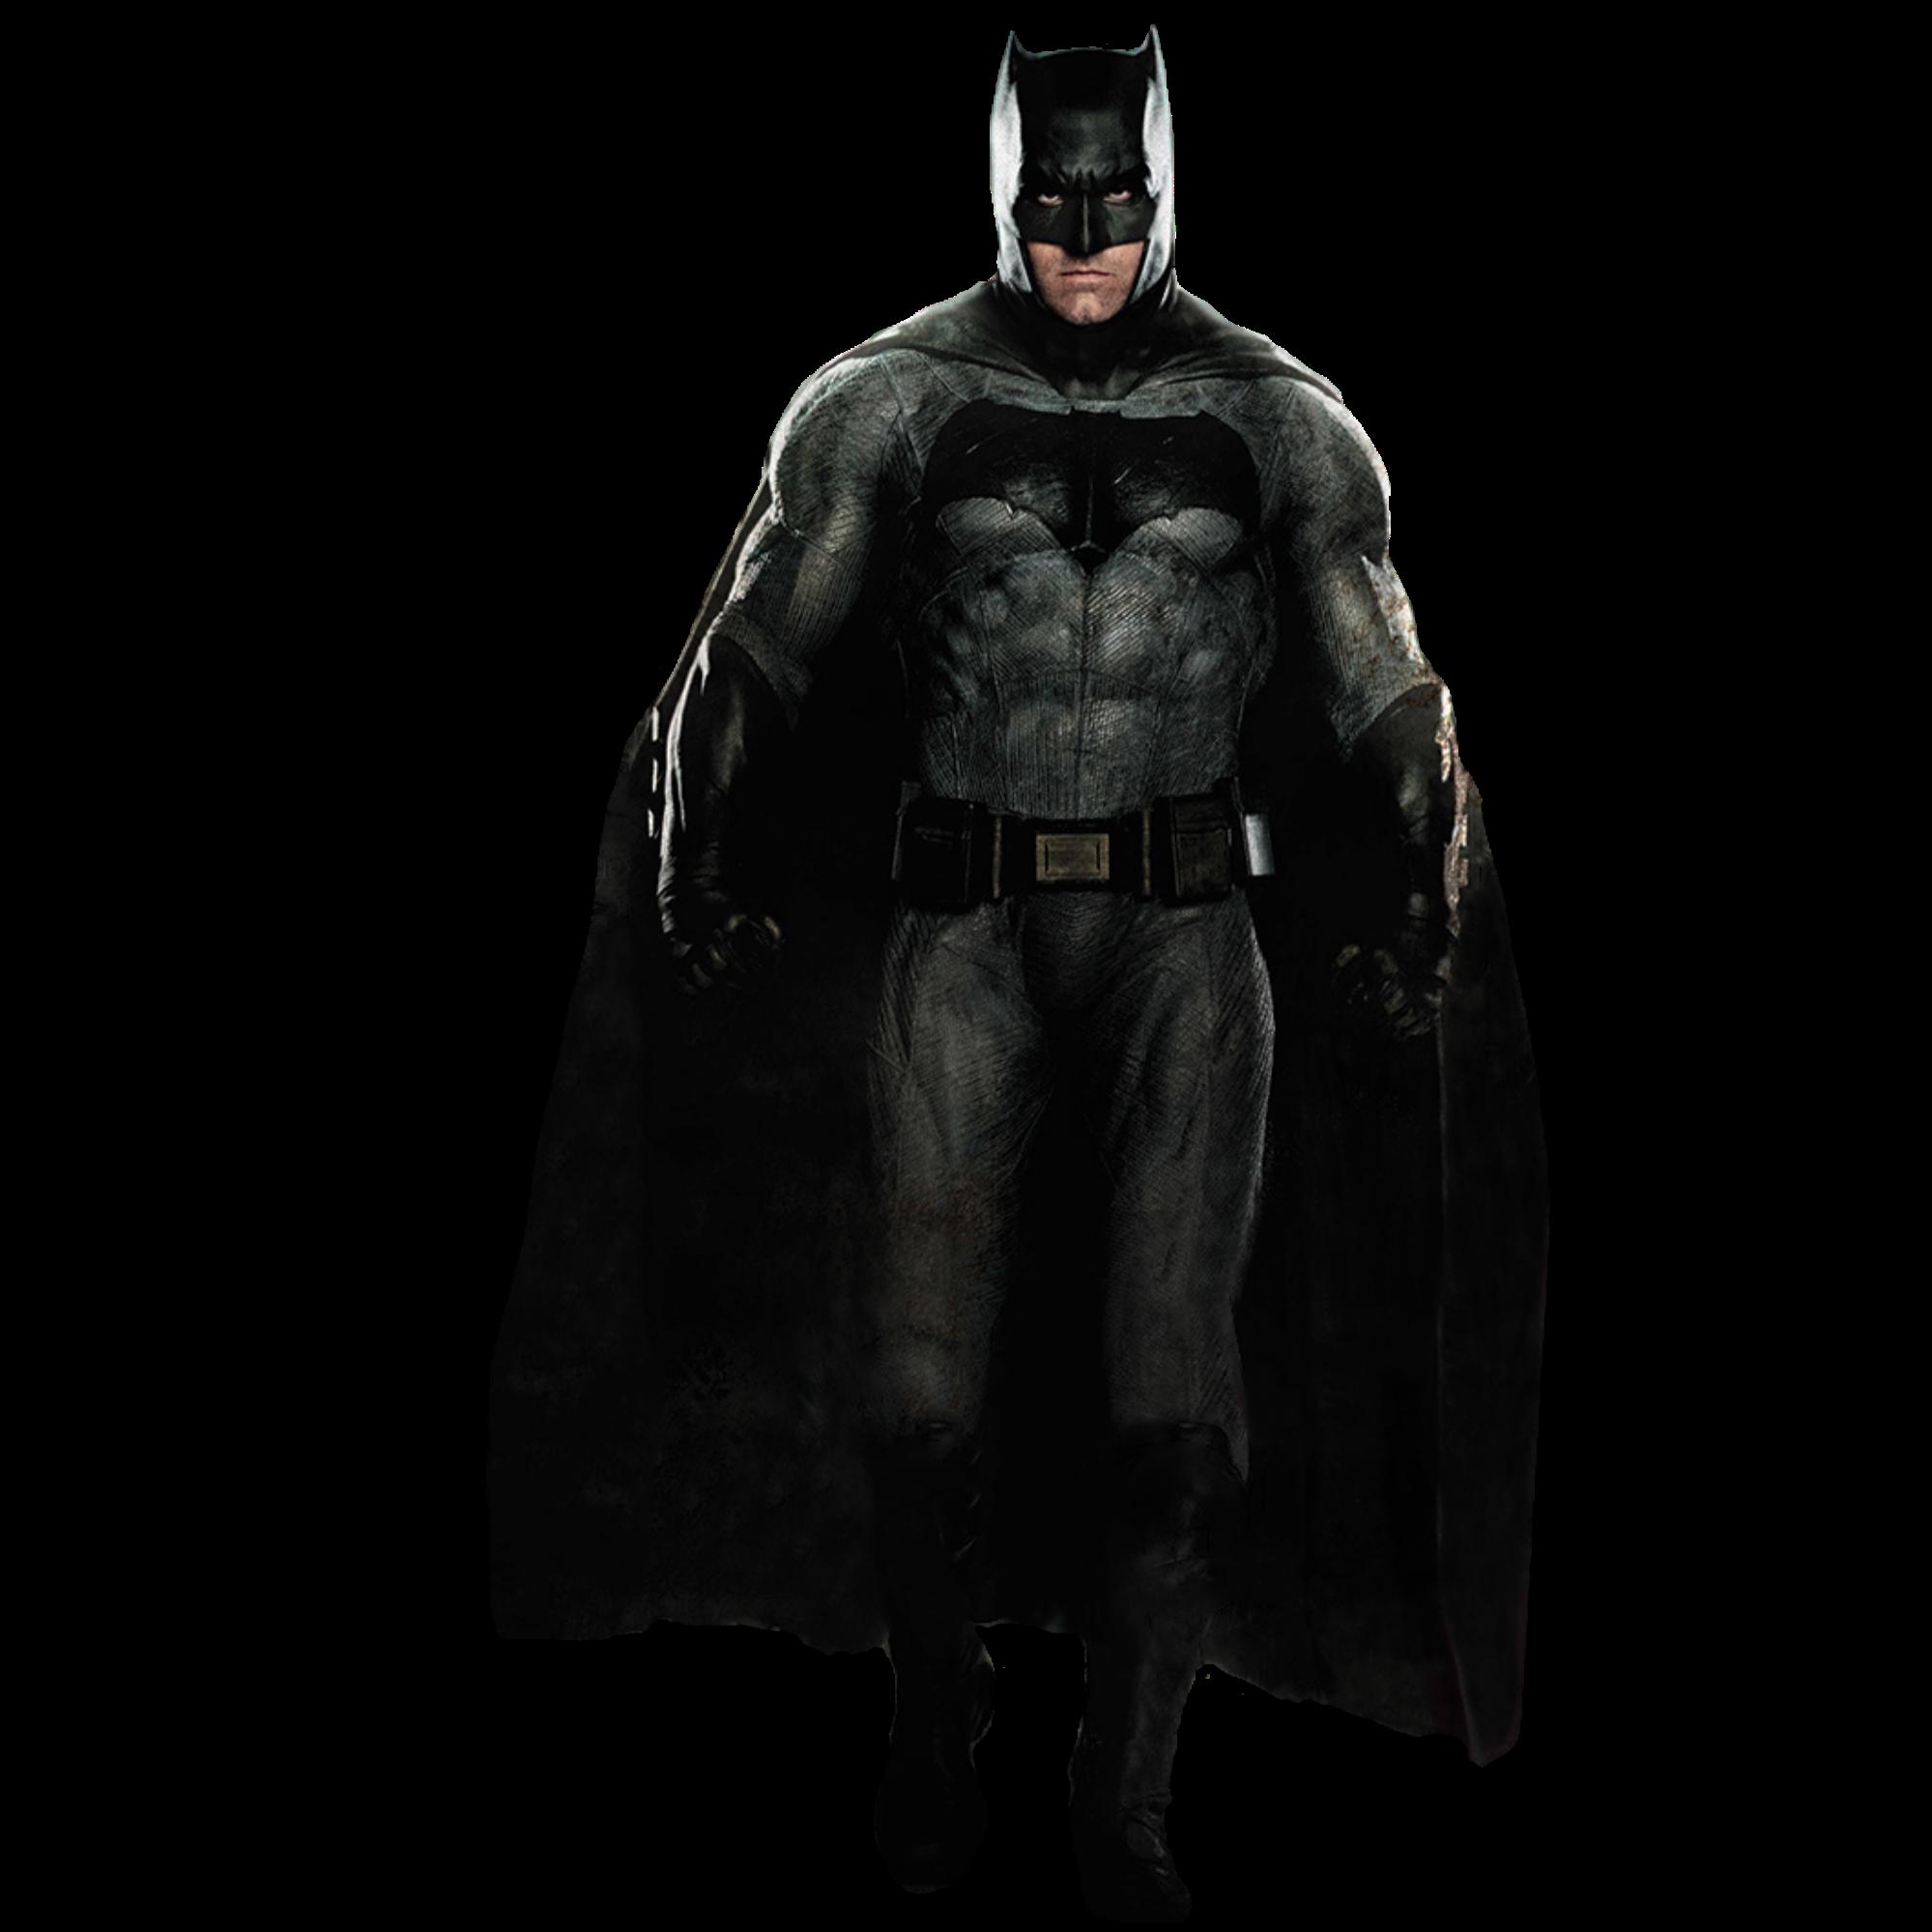 clip transparent stock The Batman